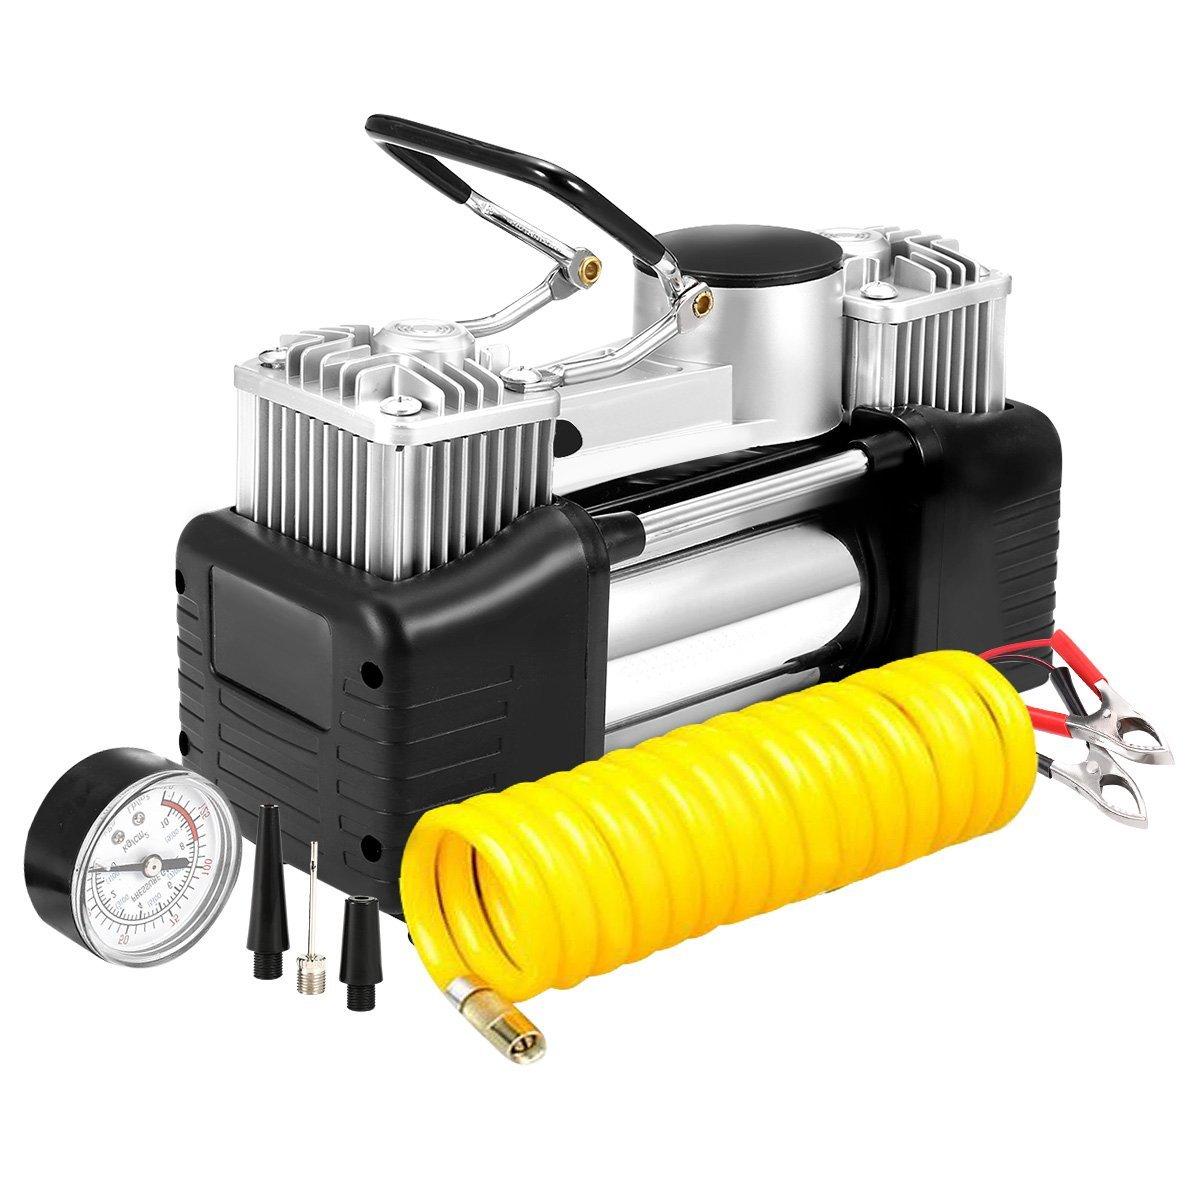 12 V 150PSI Portable Heavy Duty Double Cylindre pompe à air compresseur d'air gonfleur de pneu pour la voiture Camion Bateau Moto pompe gonflable